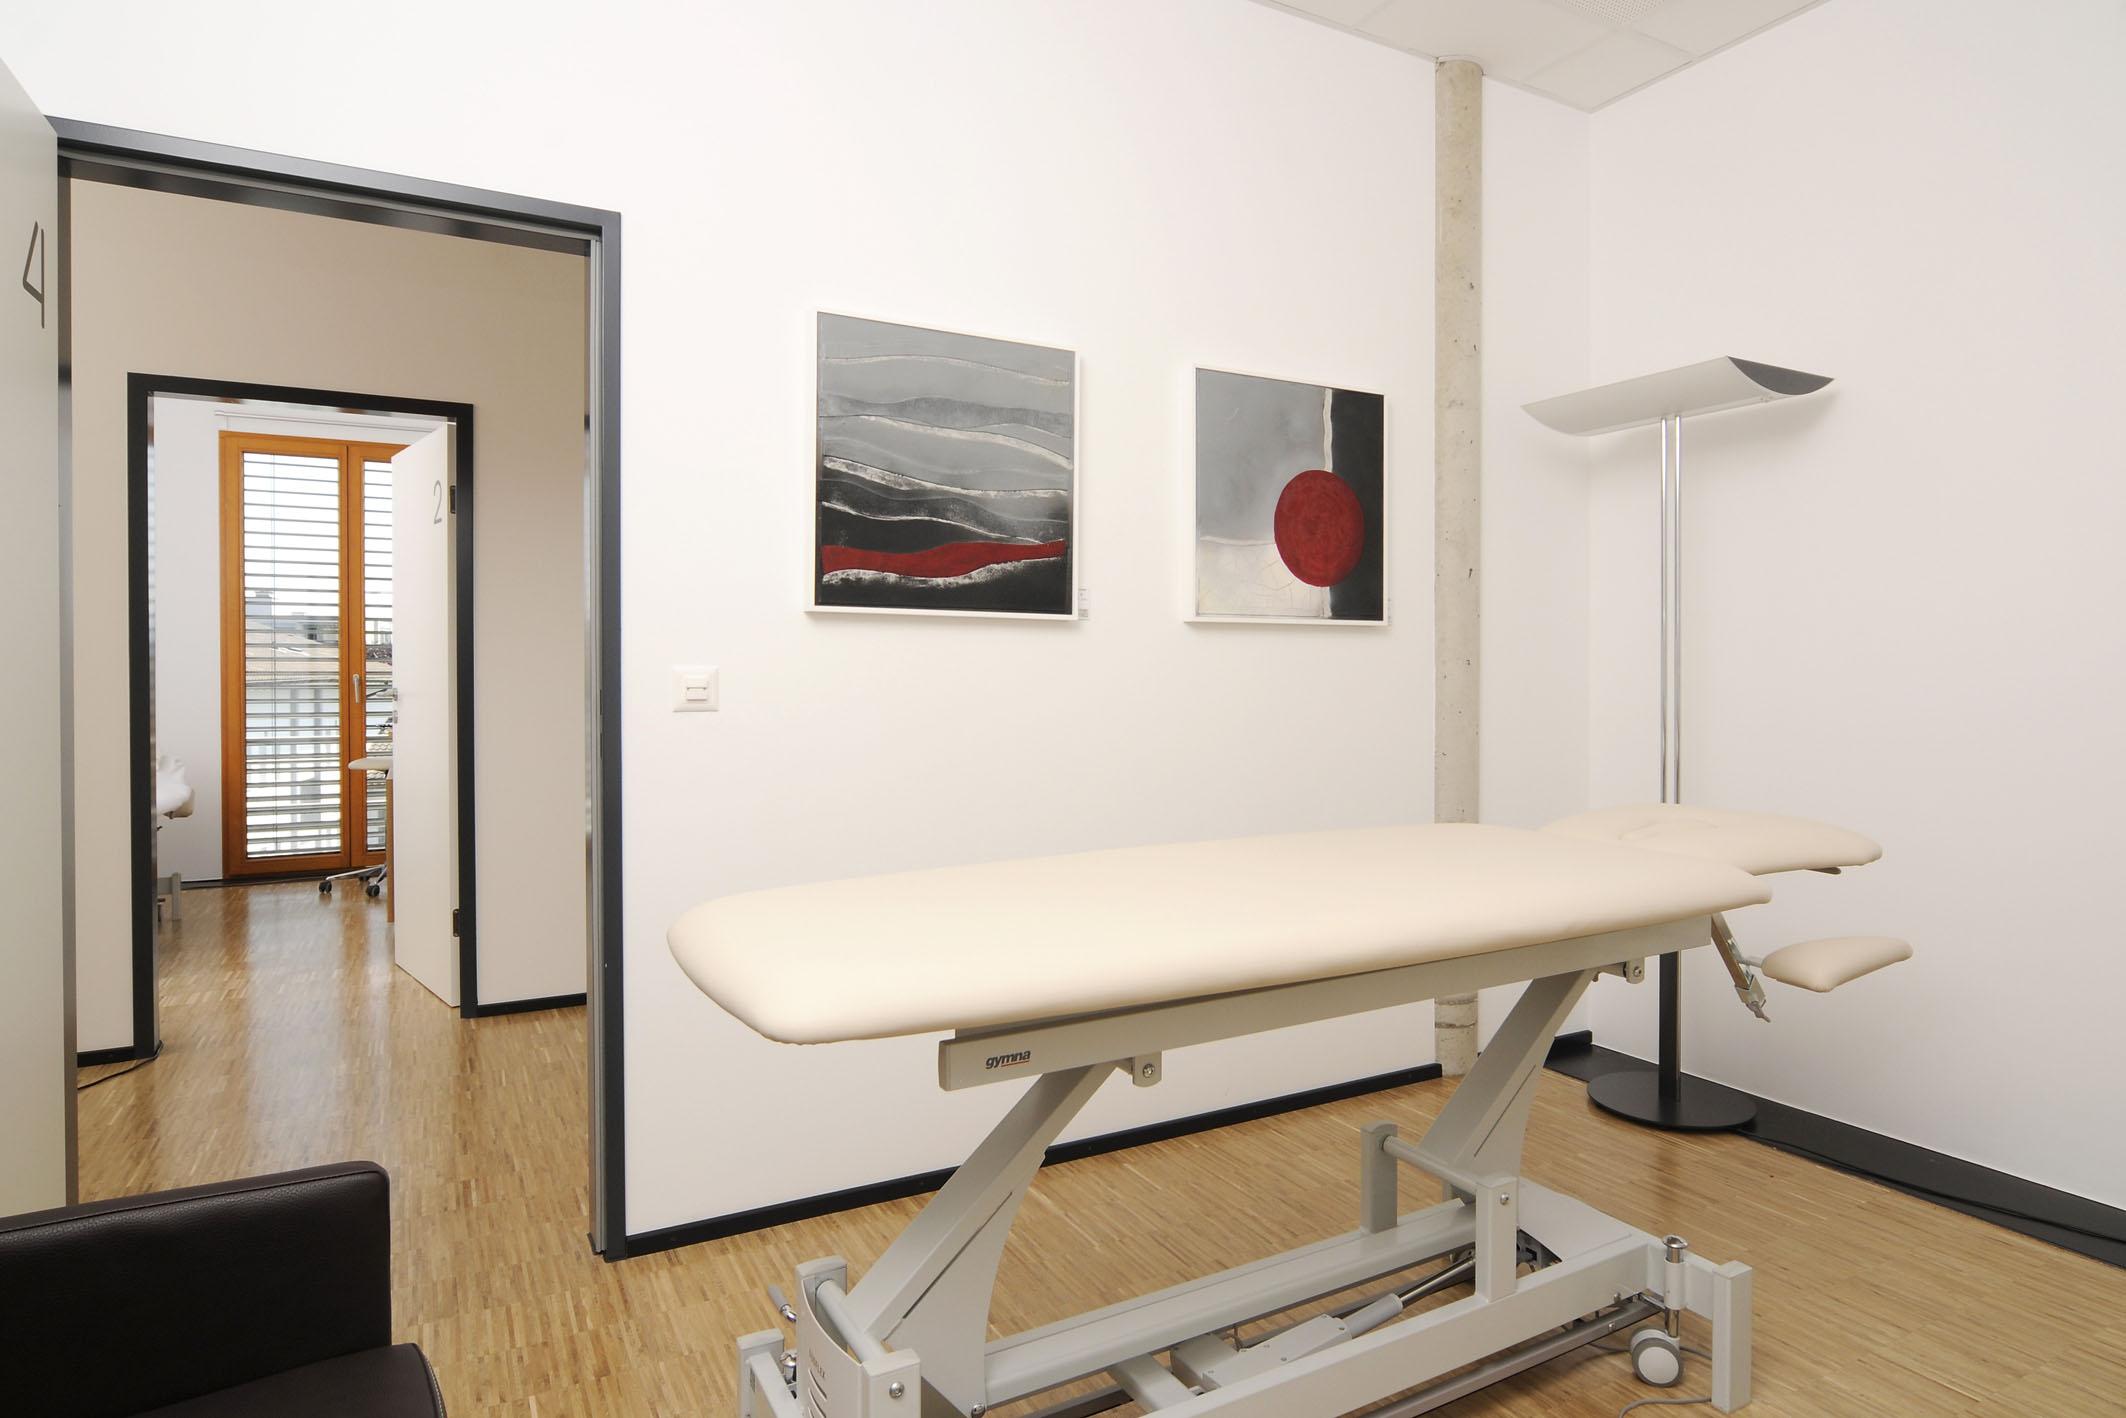 neue tests in der physiotherapie